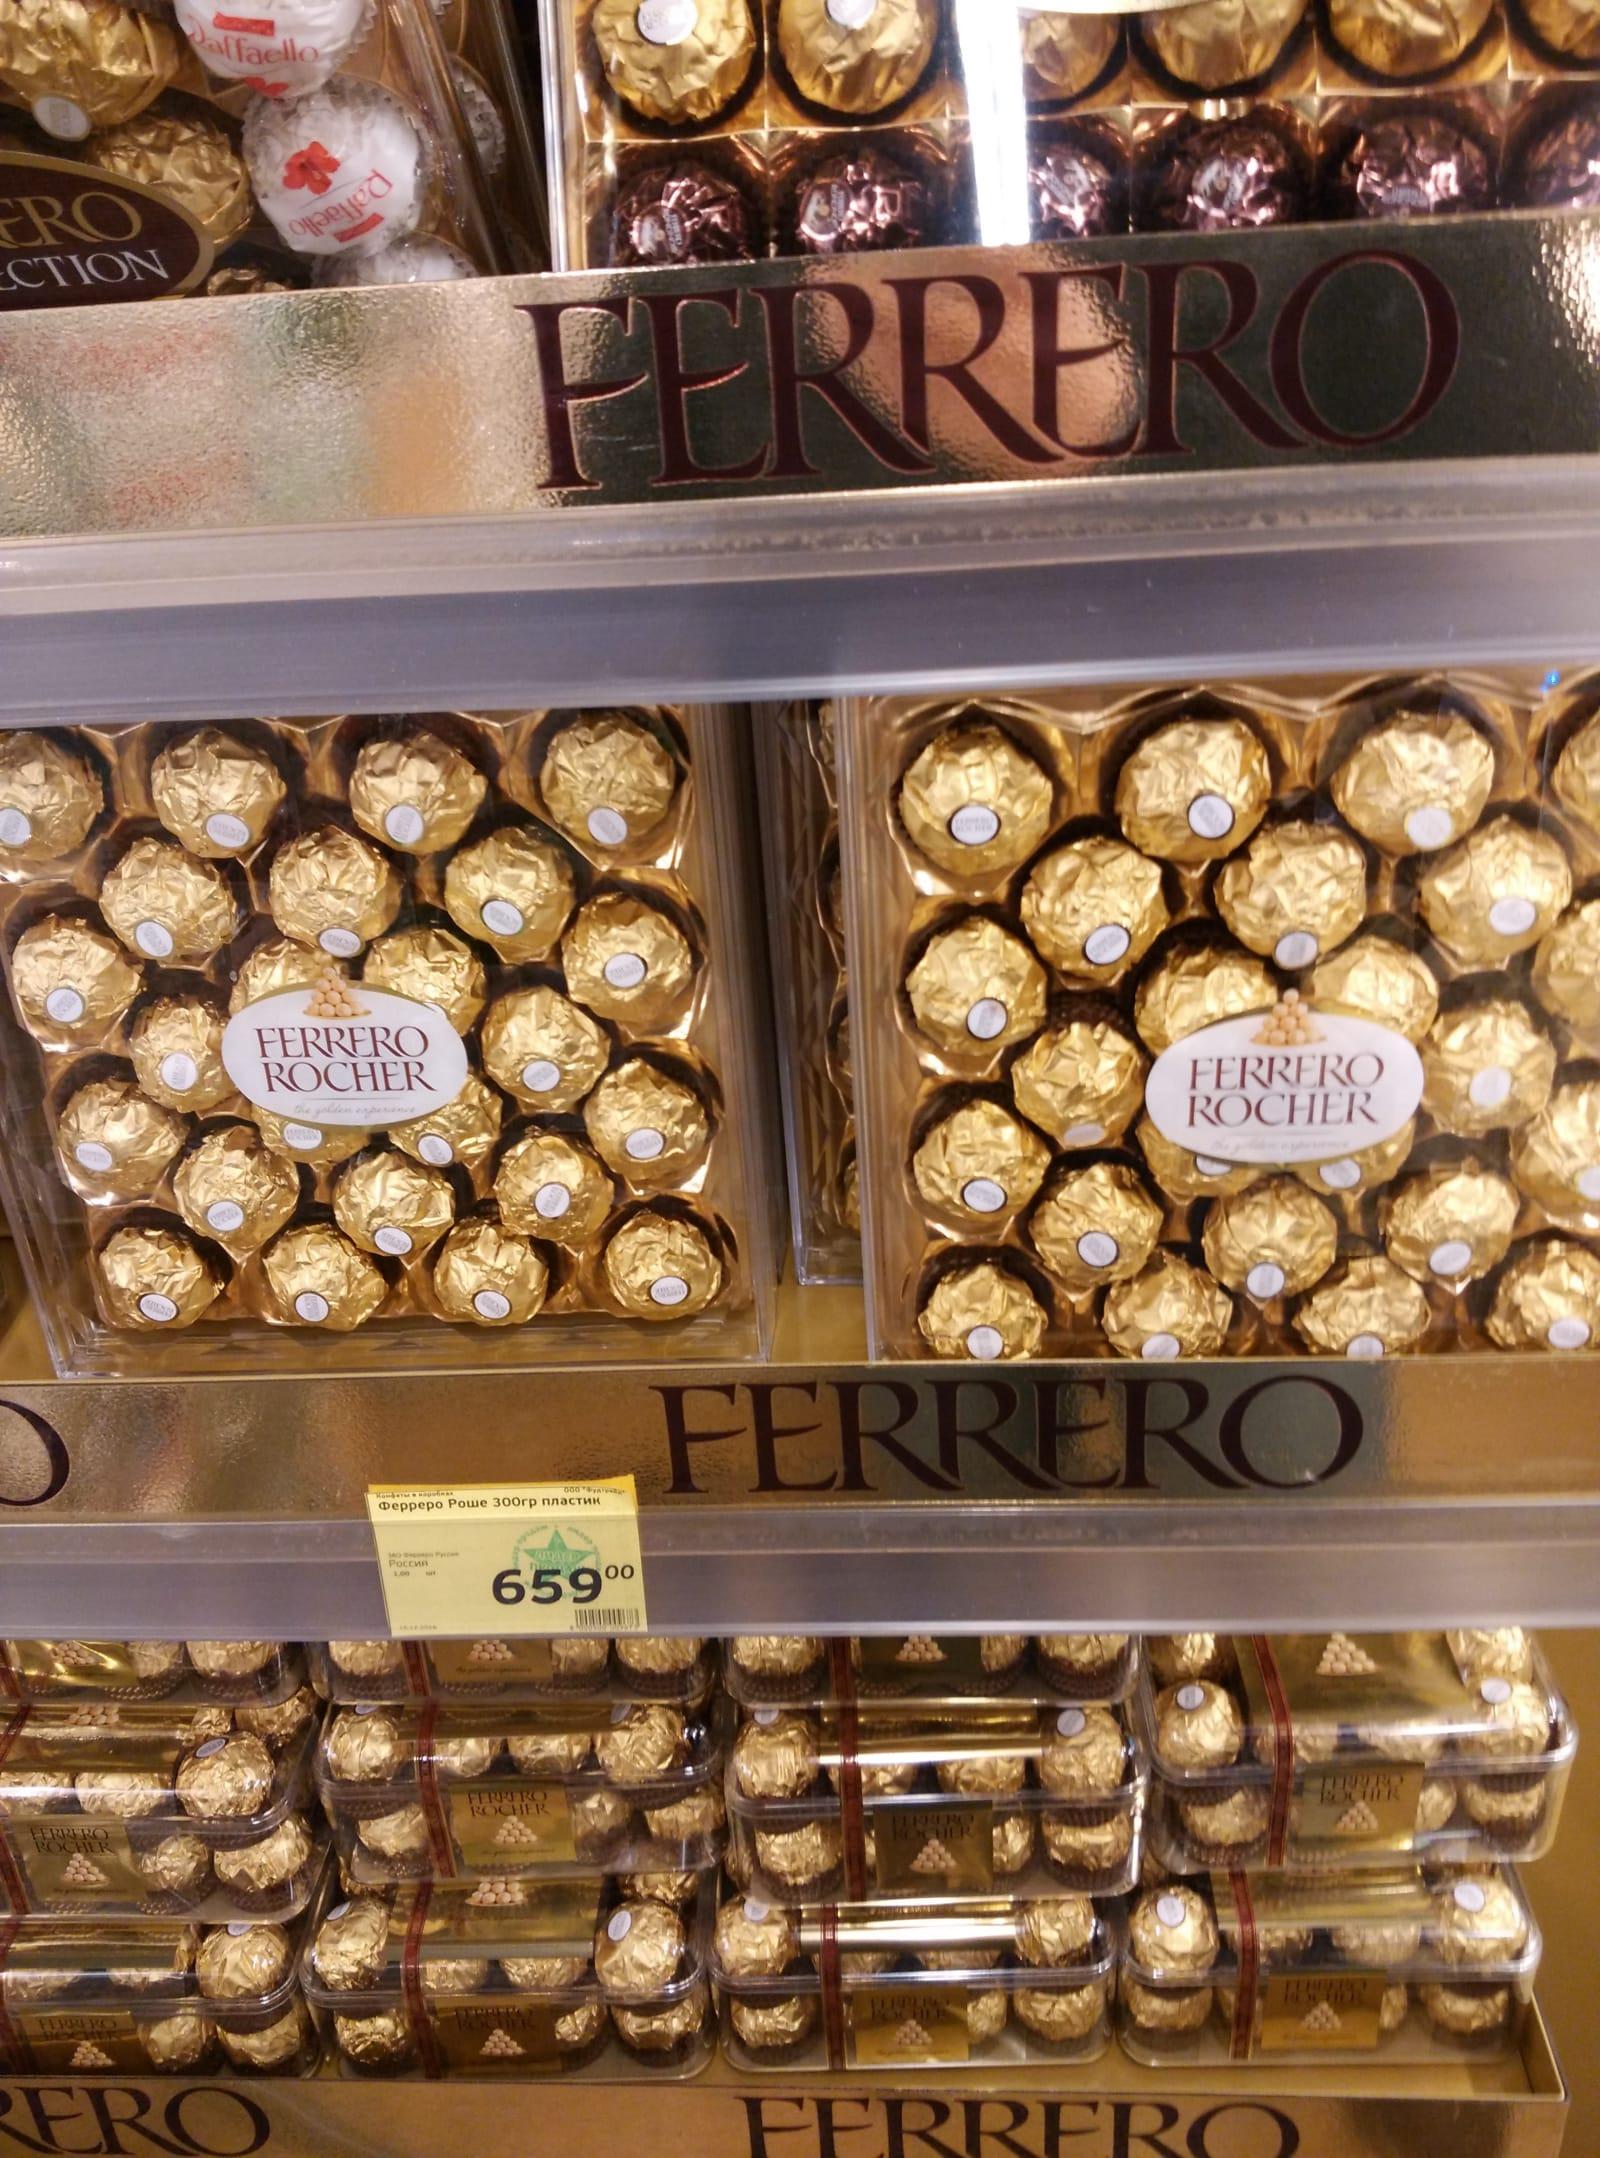 俄罗斯超市巧克力|费列罗|俄罗斯留学物价|俄罗斯超市物价|俄罗斯留学